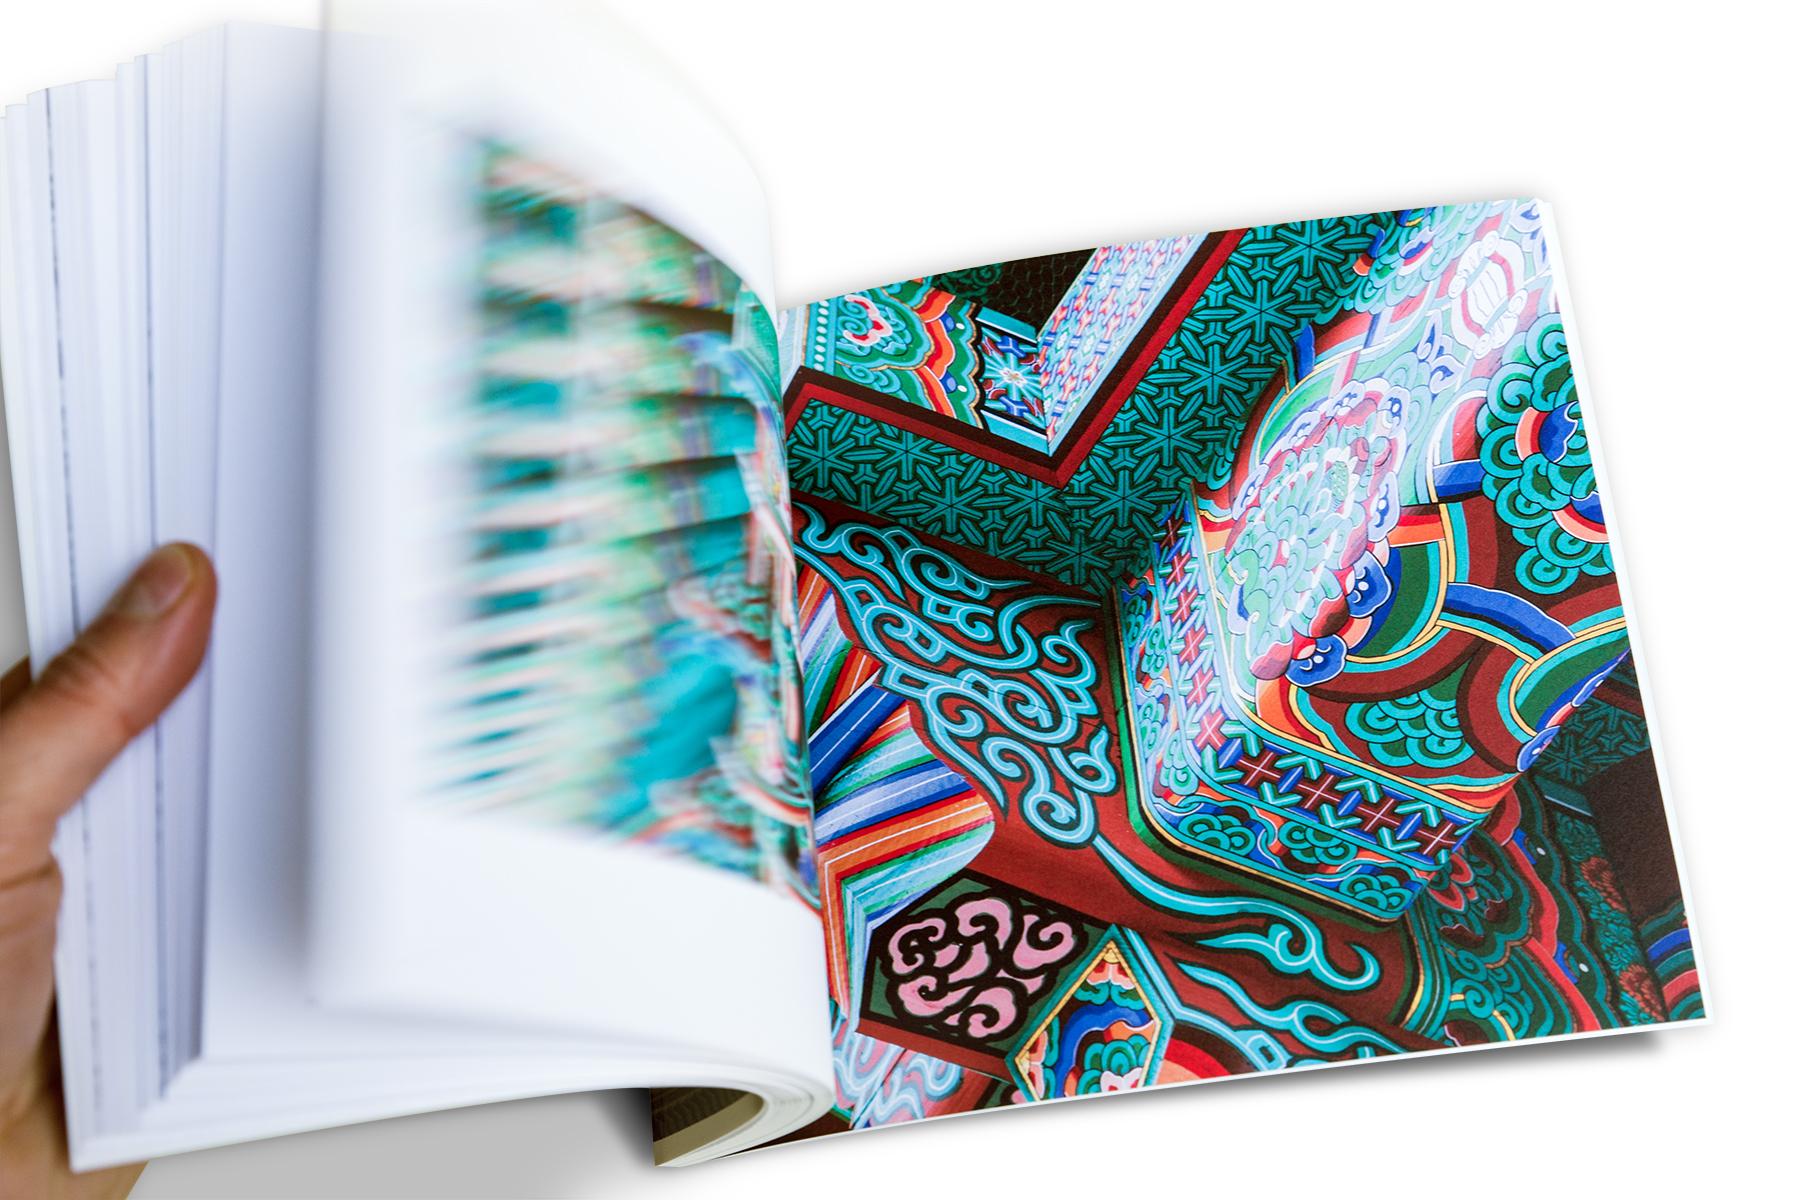 Going through the book 'South Korea'